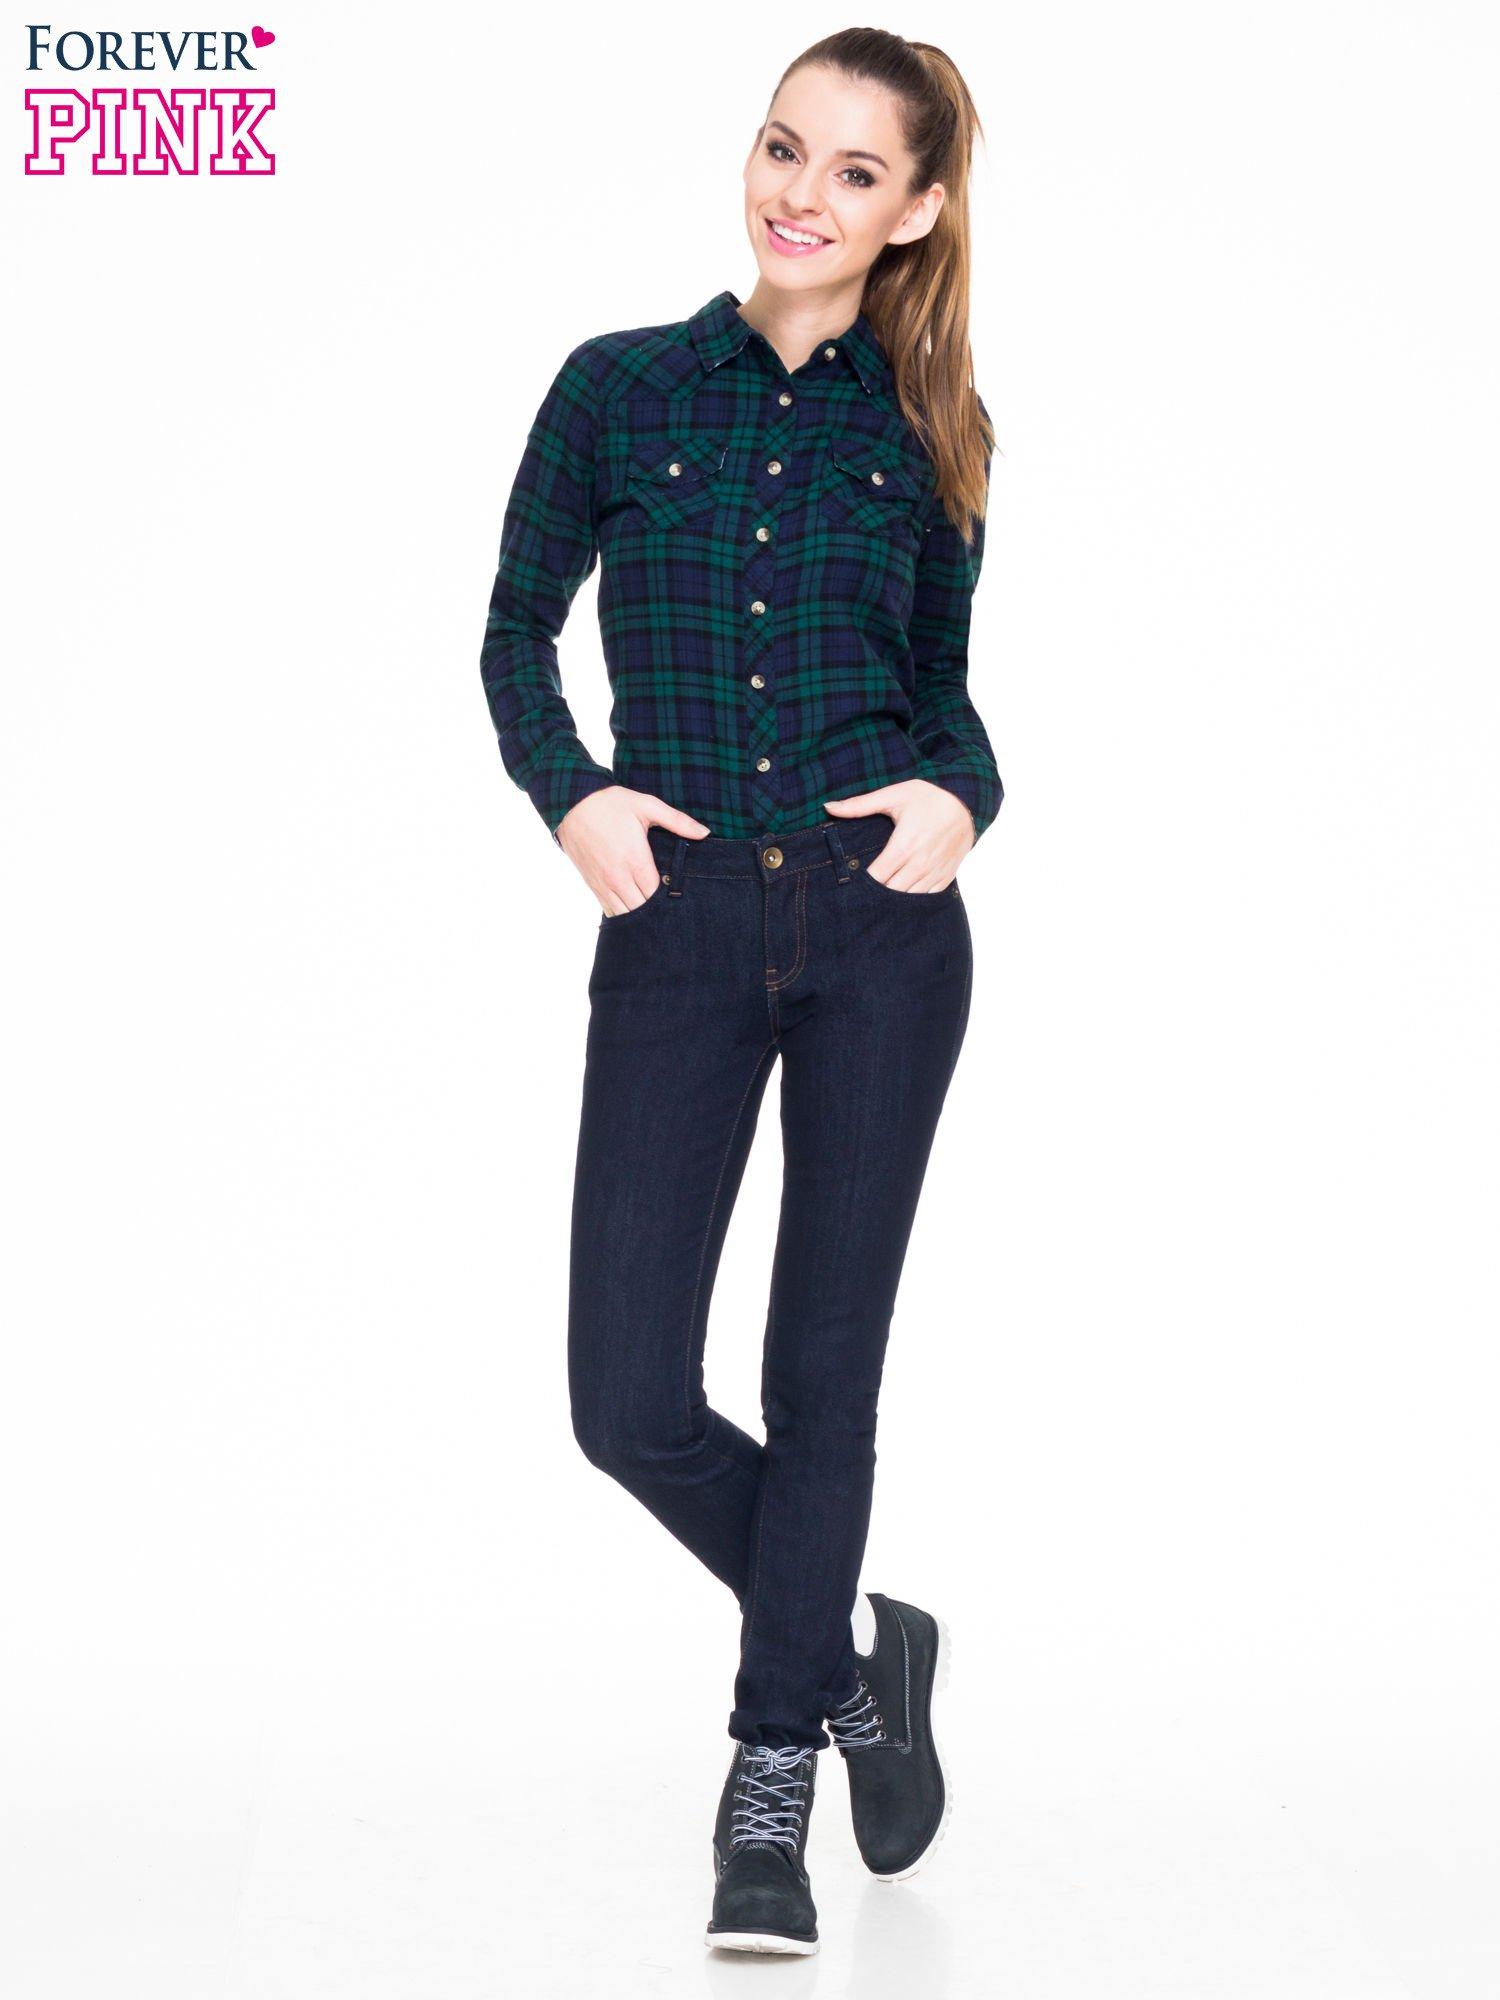 Zielono-granatowa koszula w kratę z kieszonkami                                  zdj.                                  3